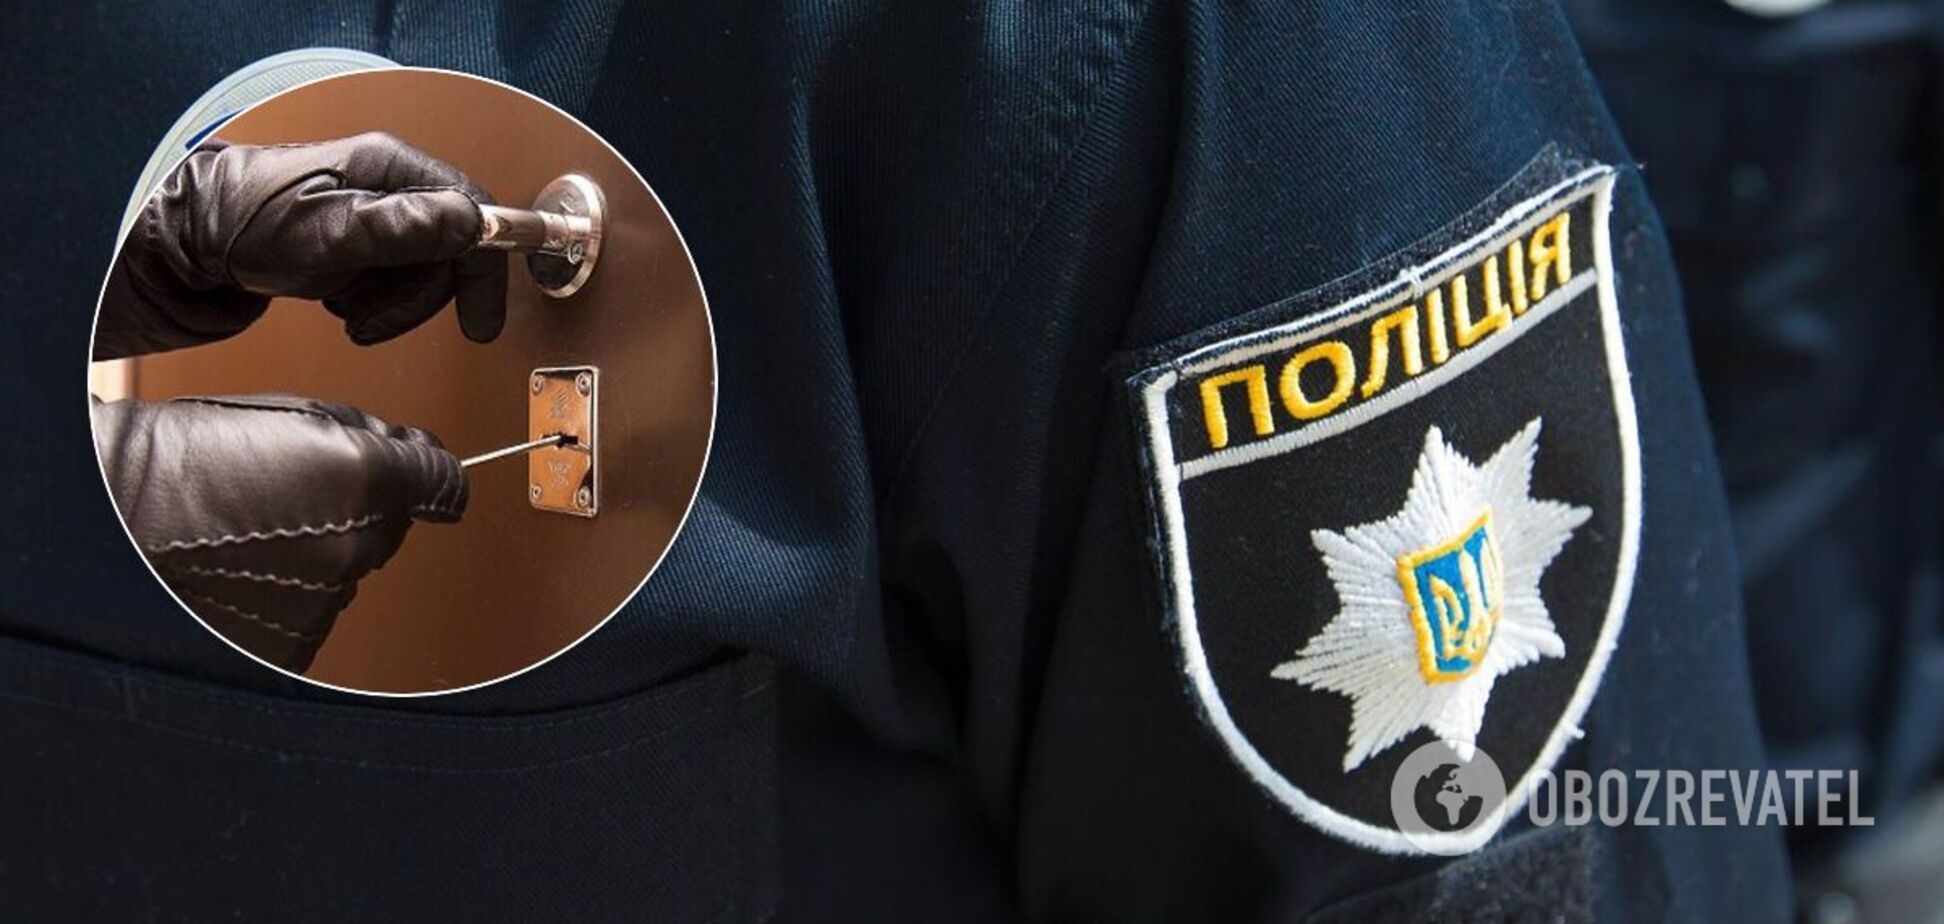 Більшість злочинів скоюють у районах поруч з Києвом